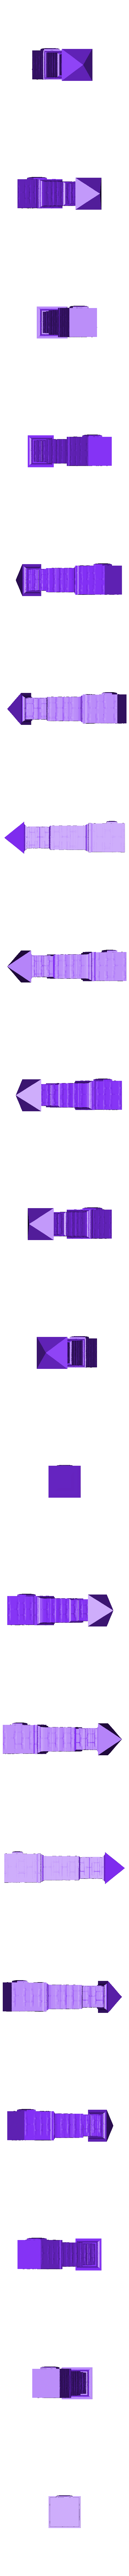 pestsauele.stl Download free 3MF file Pestsäule (aus Dankbarkeit für die erlösung von der Pestilenz errichtet) • 3D printing model, syzguru11